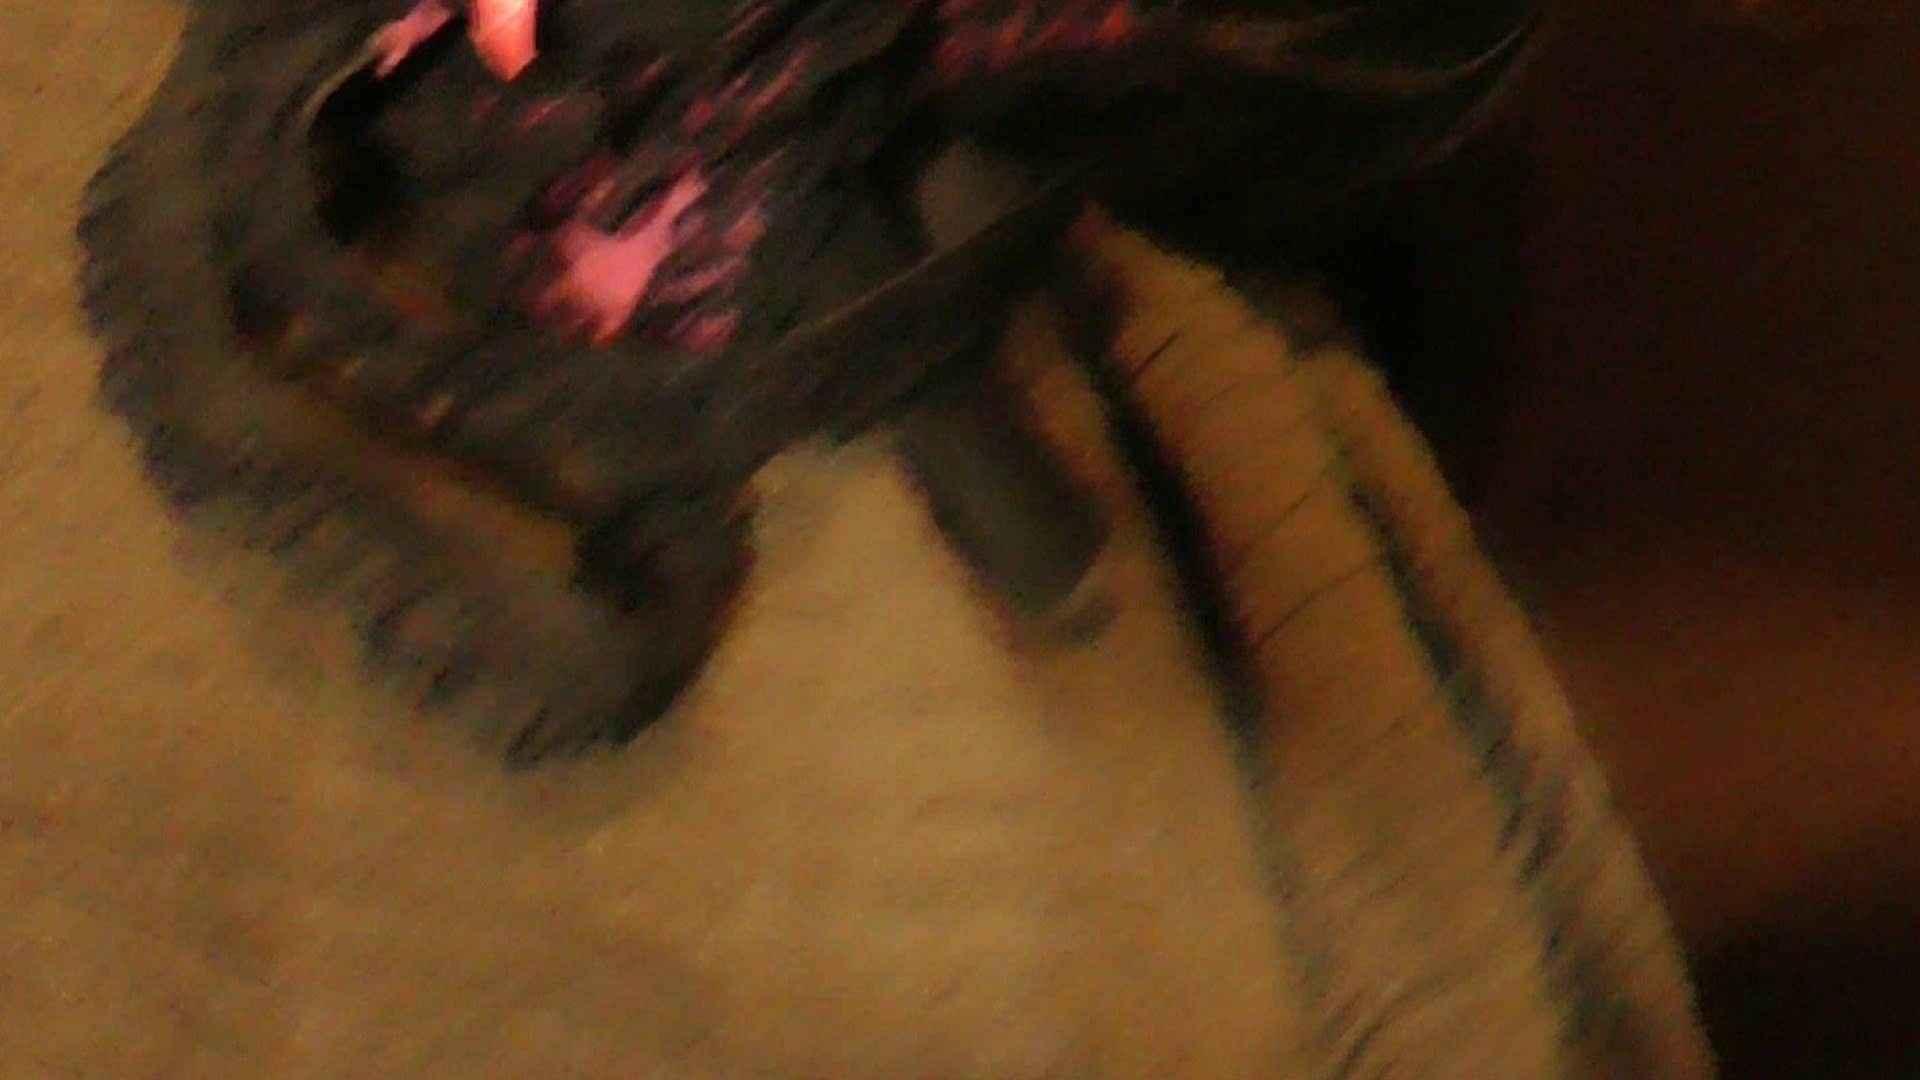 悪戯ネットカフェ Vol.07 魔法をかけて開いてみれば紐?? いじくり スケベ動画紹介 78画像 7